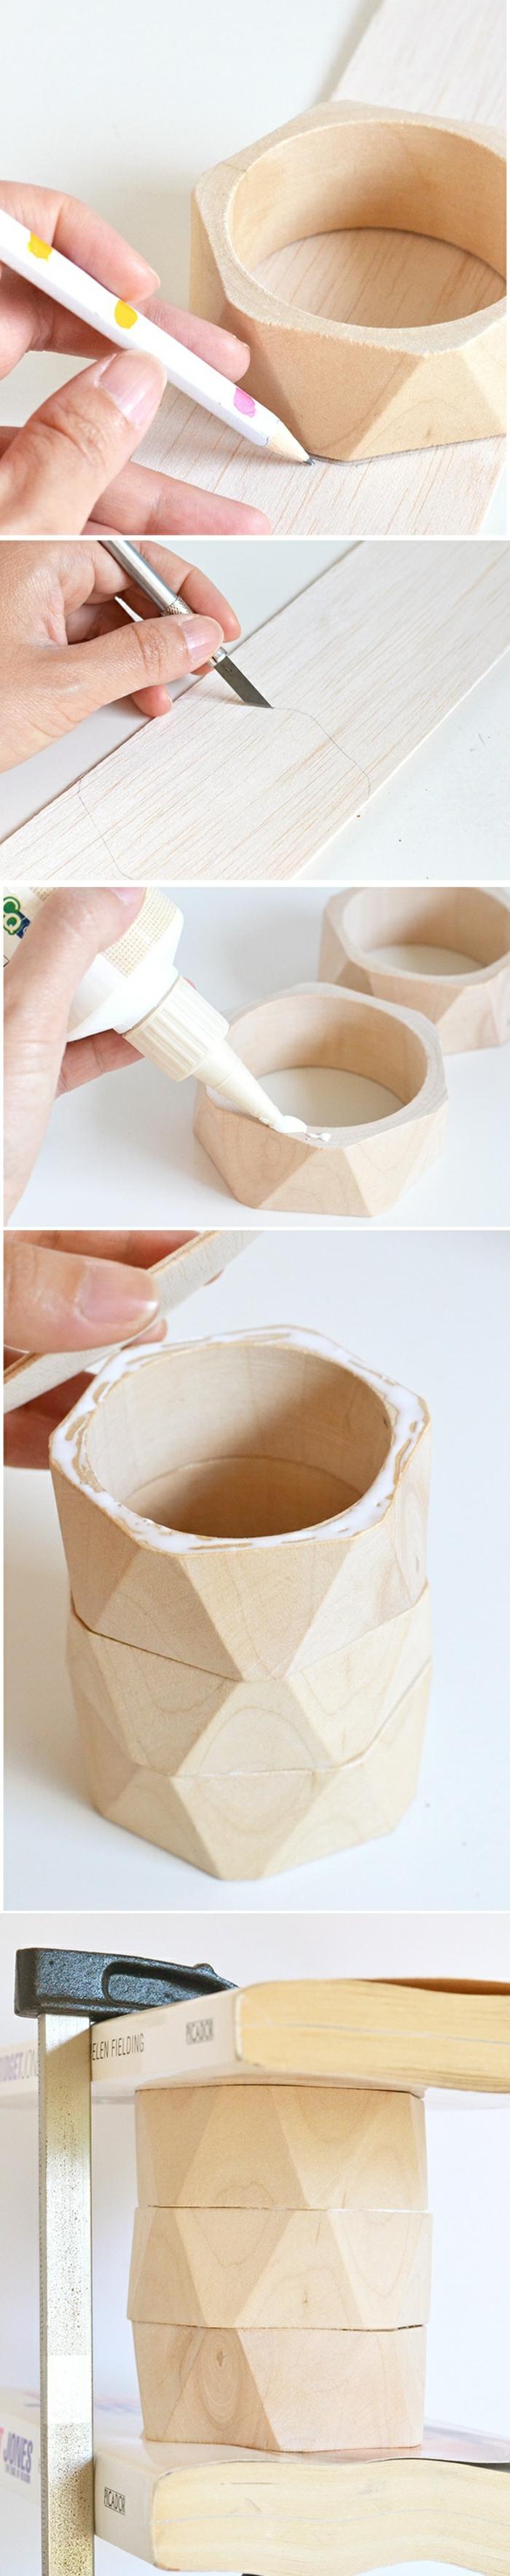 detalles para regalar hechos a mano, como hacer manualidades de madera fáciles paso a paso, ideas de detalles para regalar